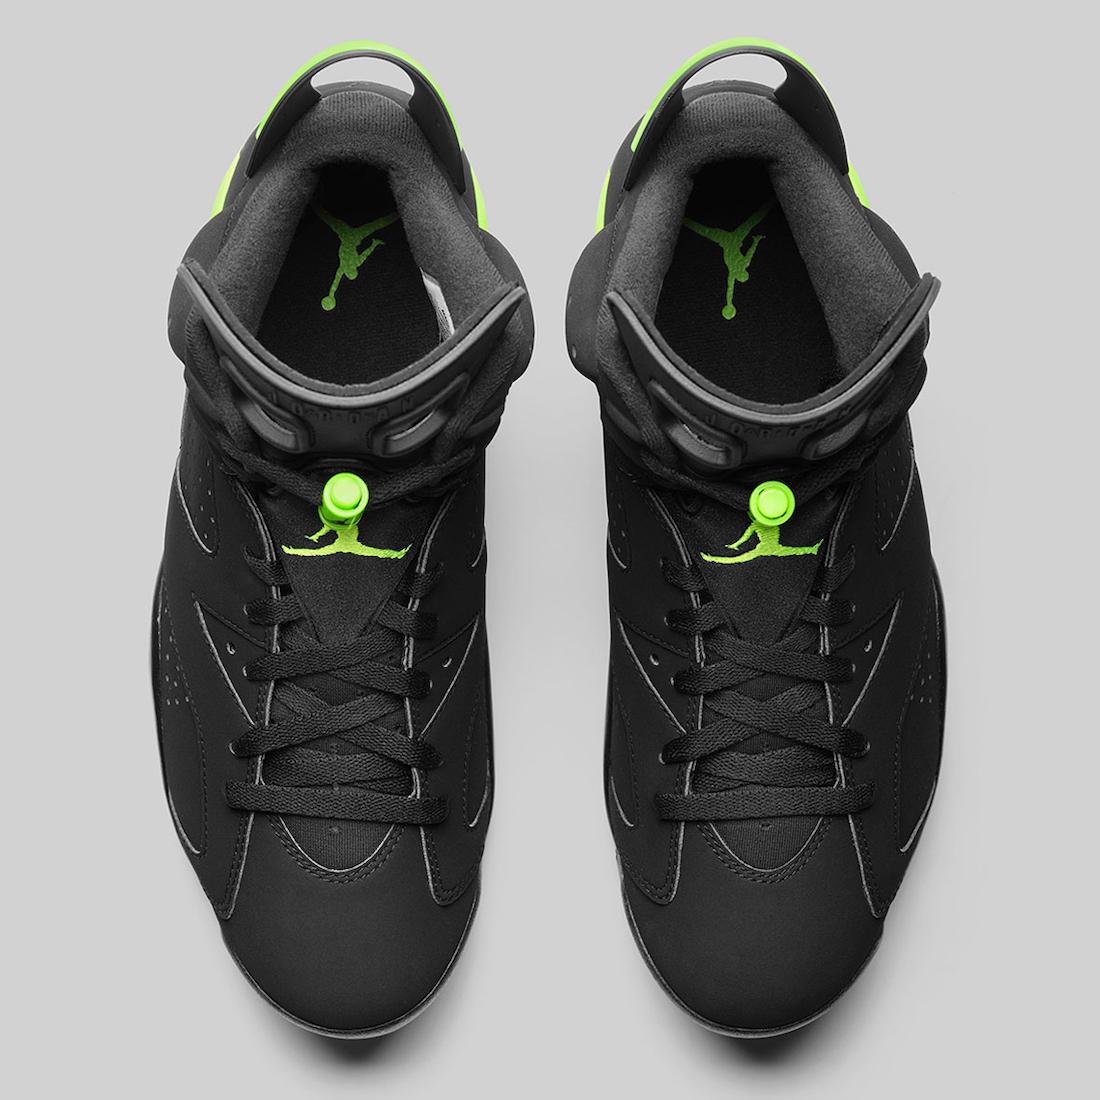 Air-Jordan-6-Electric-Green-CT8529-003-3